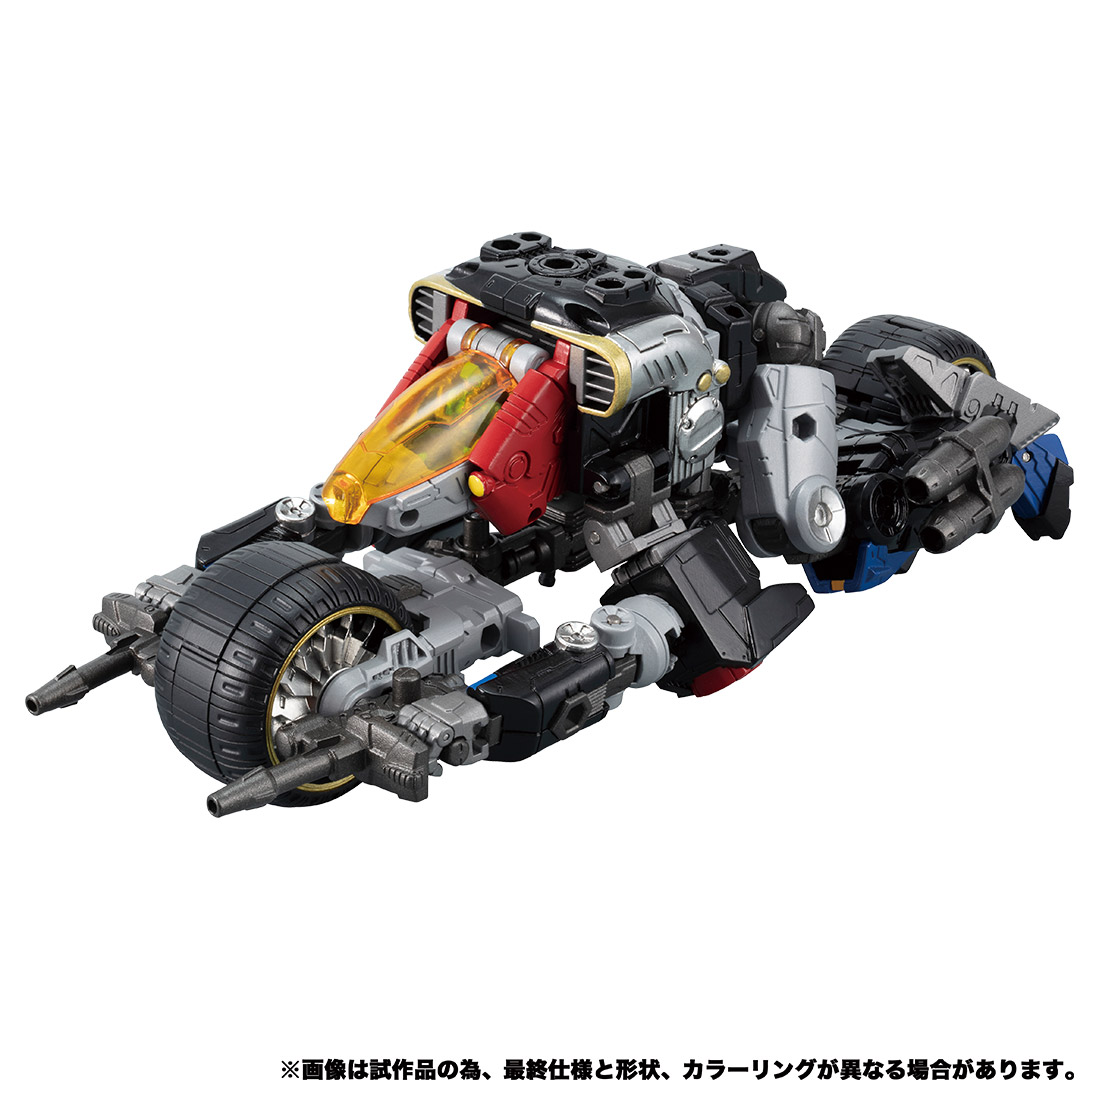 【限定販売】ダイアクロン DA-54『トライヴァース トライランブラー』可動フィギュア-002